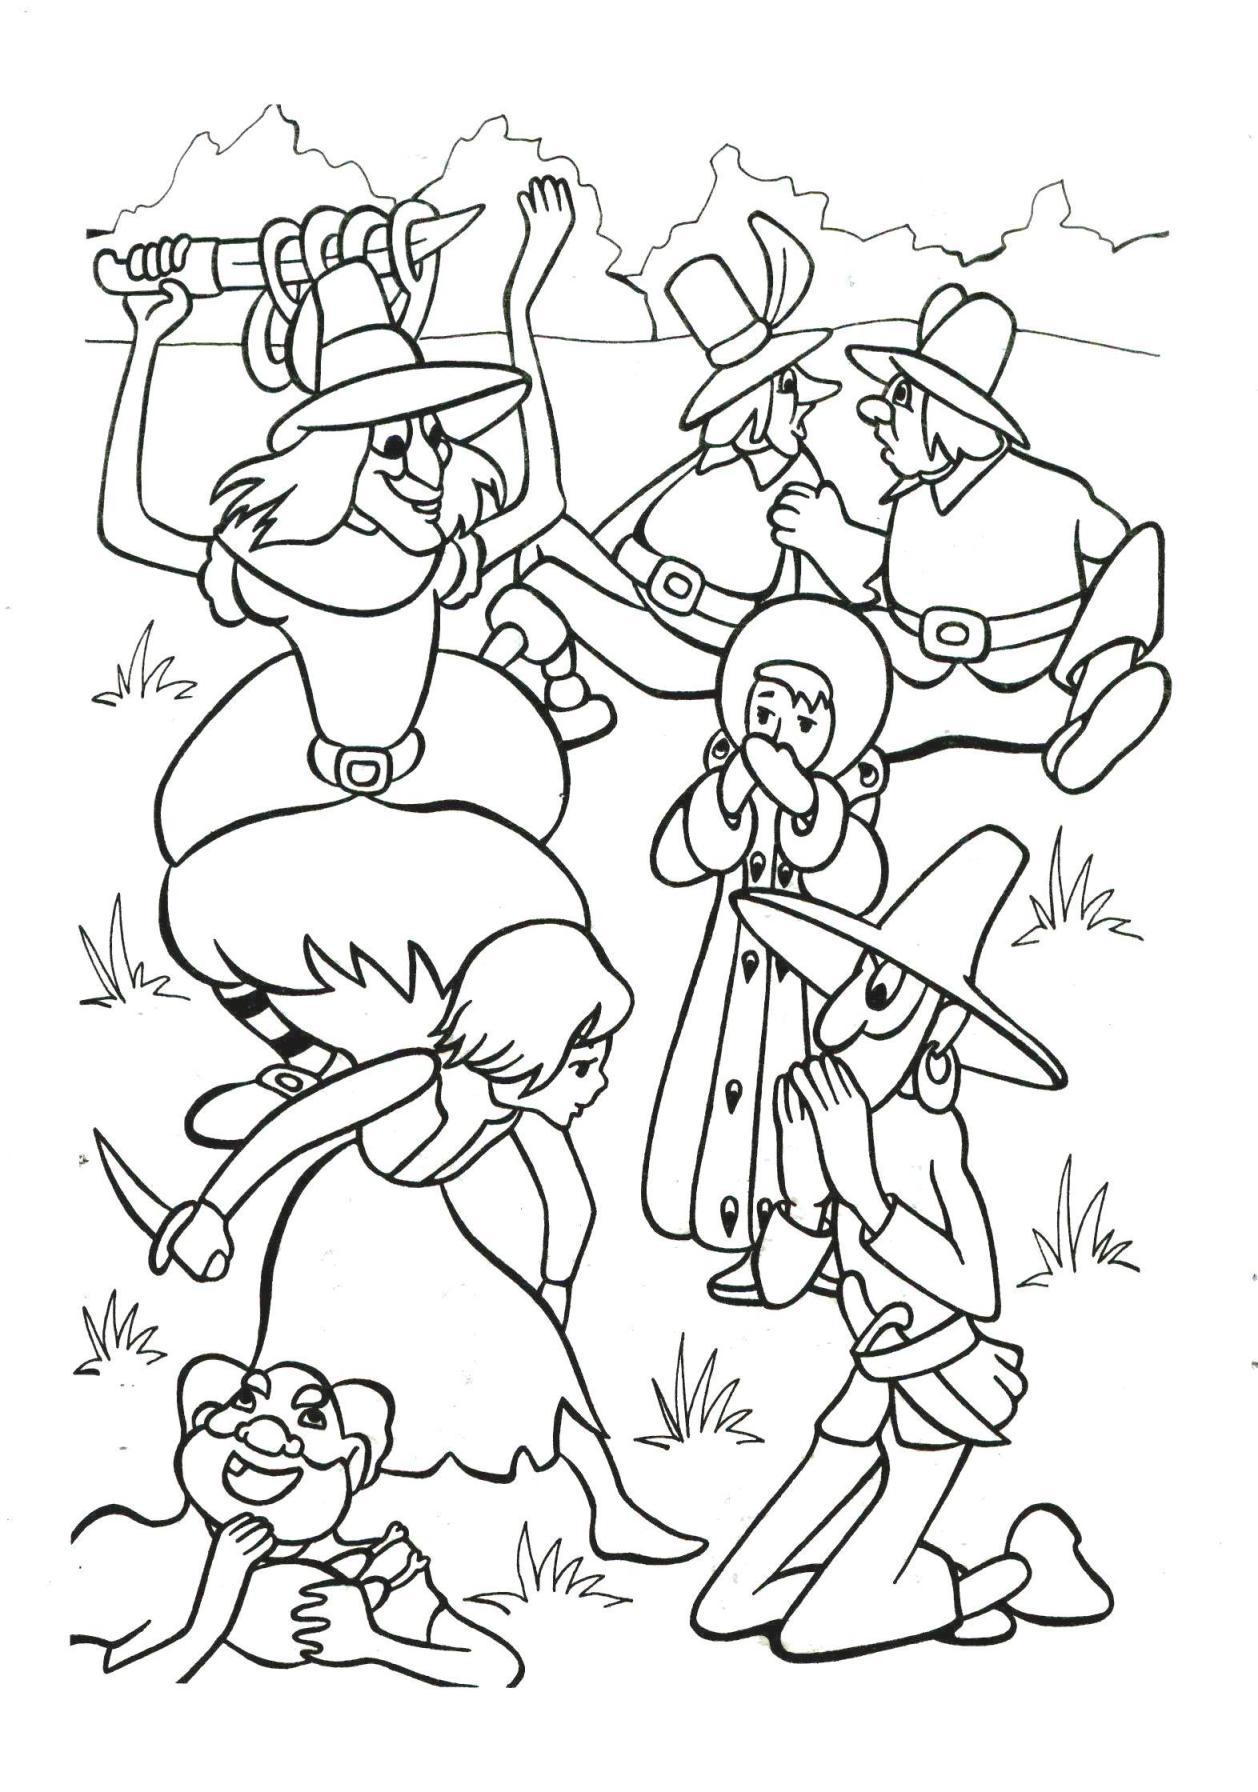 Сказка снежная королева картинки раскраска